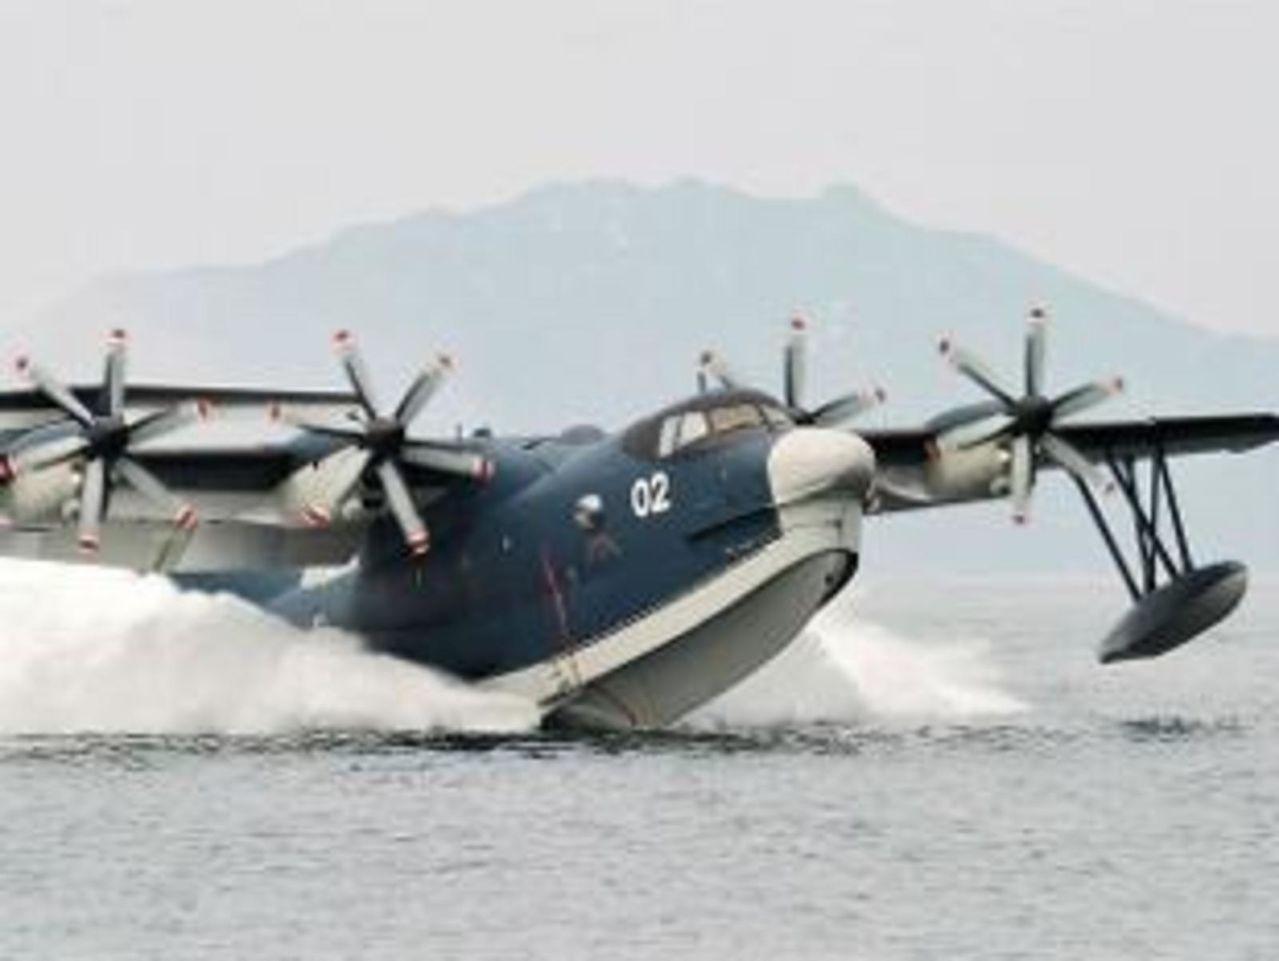 Hidroavion ShinMaywa US-2 de origen Japones, es ofrecido a ensamblarse en India - acuerdos, contratos y noticias HIDROPLANE_A_2_JAPAN_IN_INDIA